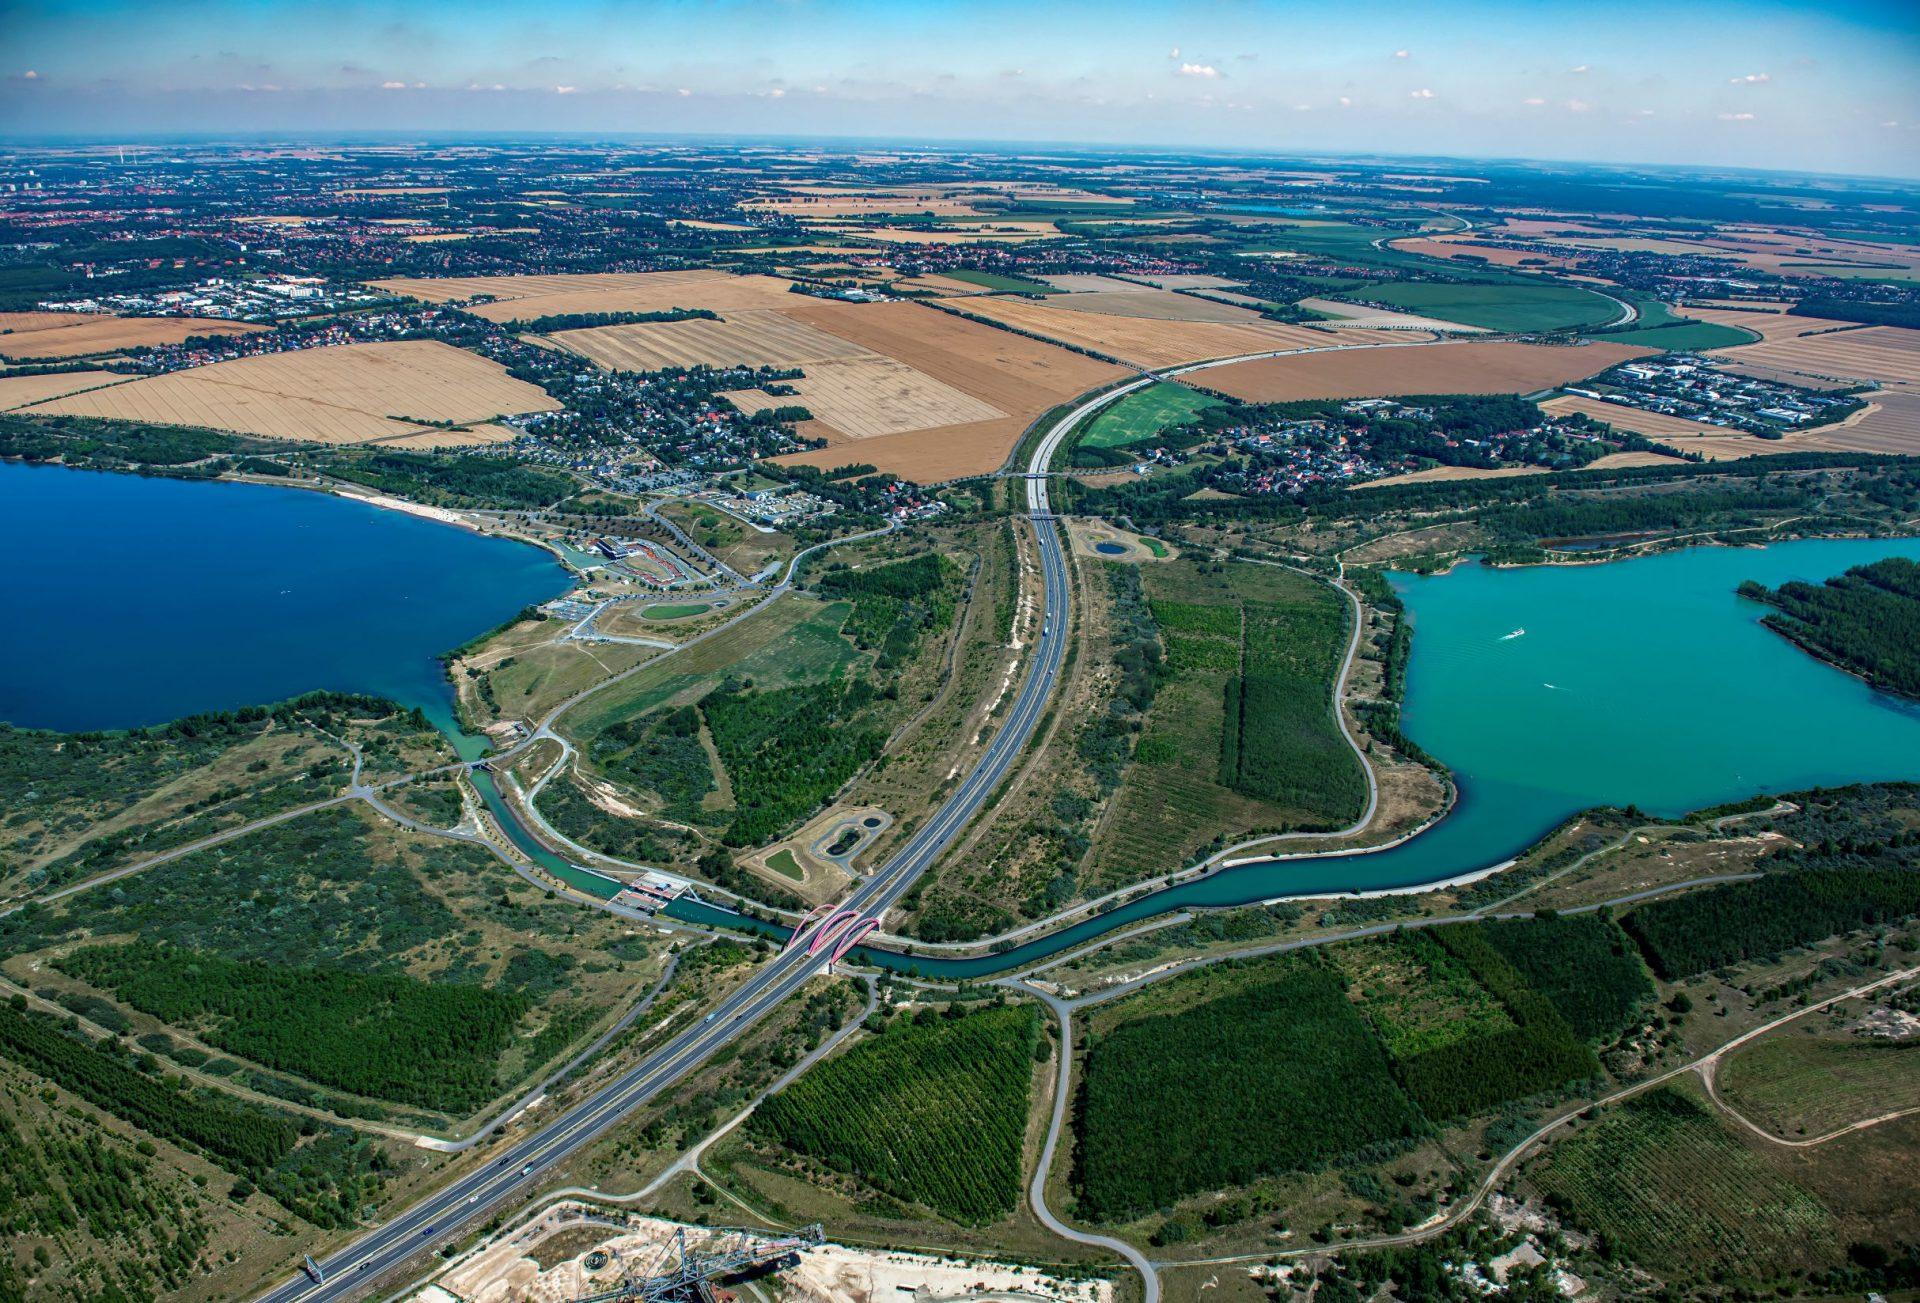 Störmthaler Kanal mit angrenzenden Seen 2019 (Quelle: LMBV)